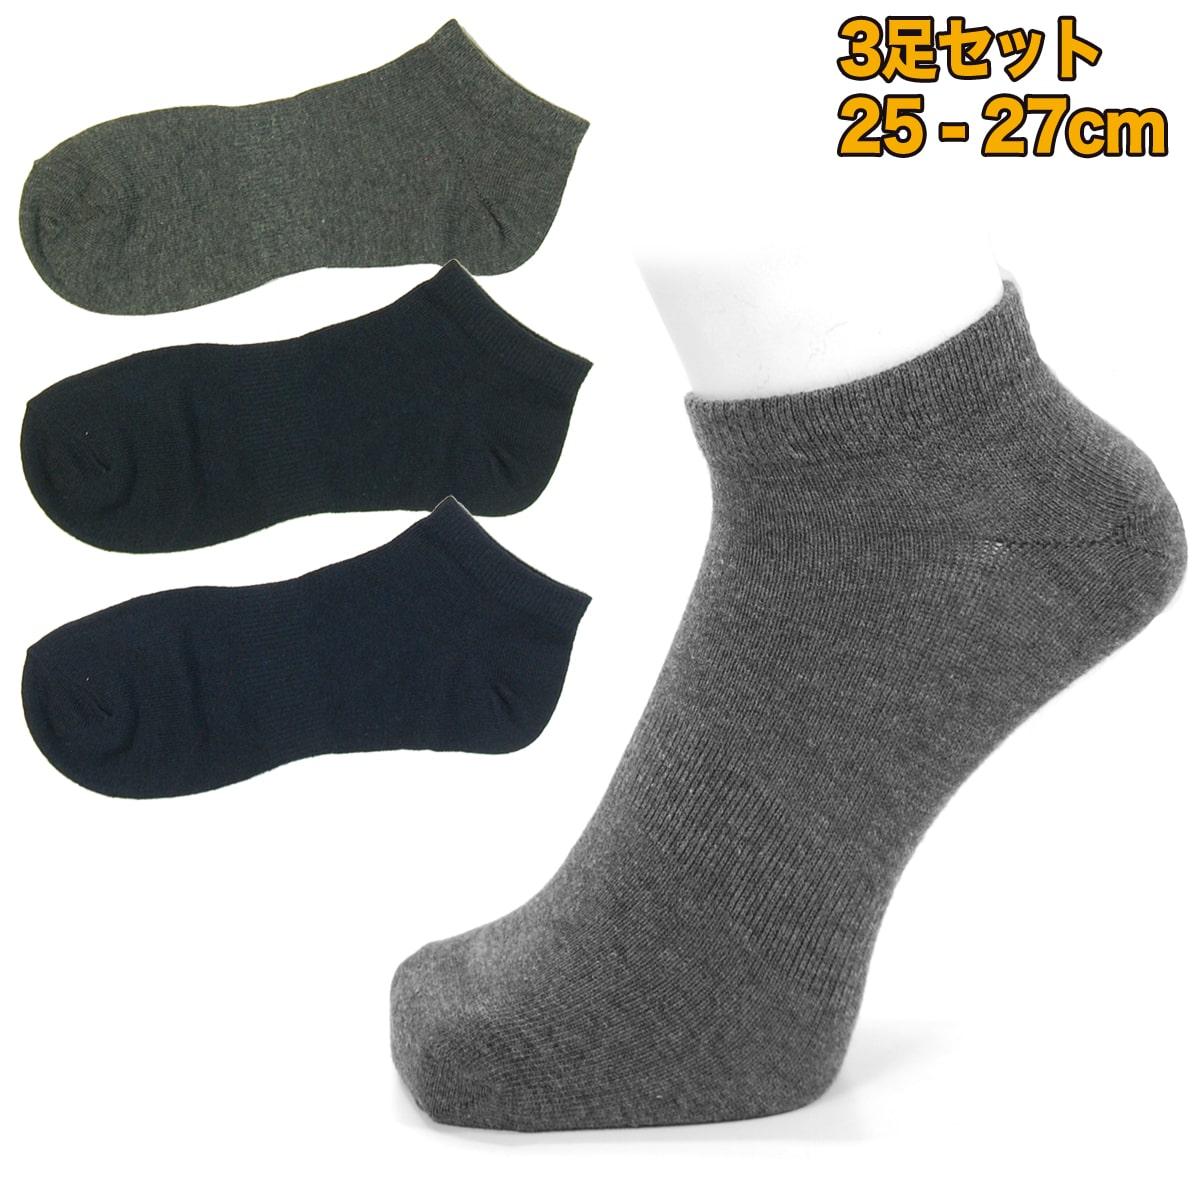 服や靴にあわせやすいシンプル色の無地靴下少し長めのくるぶし丈なので靴と肌の擦れをガード お買い得 靴下 メンズ くるぶし ショートソックス 3色セット 銀イオン糸の防臭ソックス 日本メーカー新品